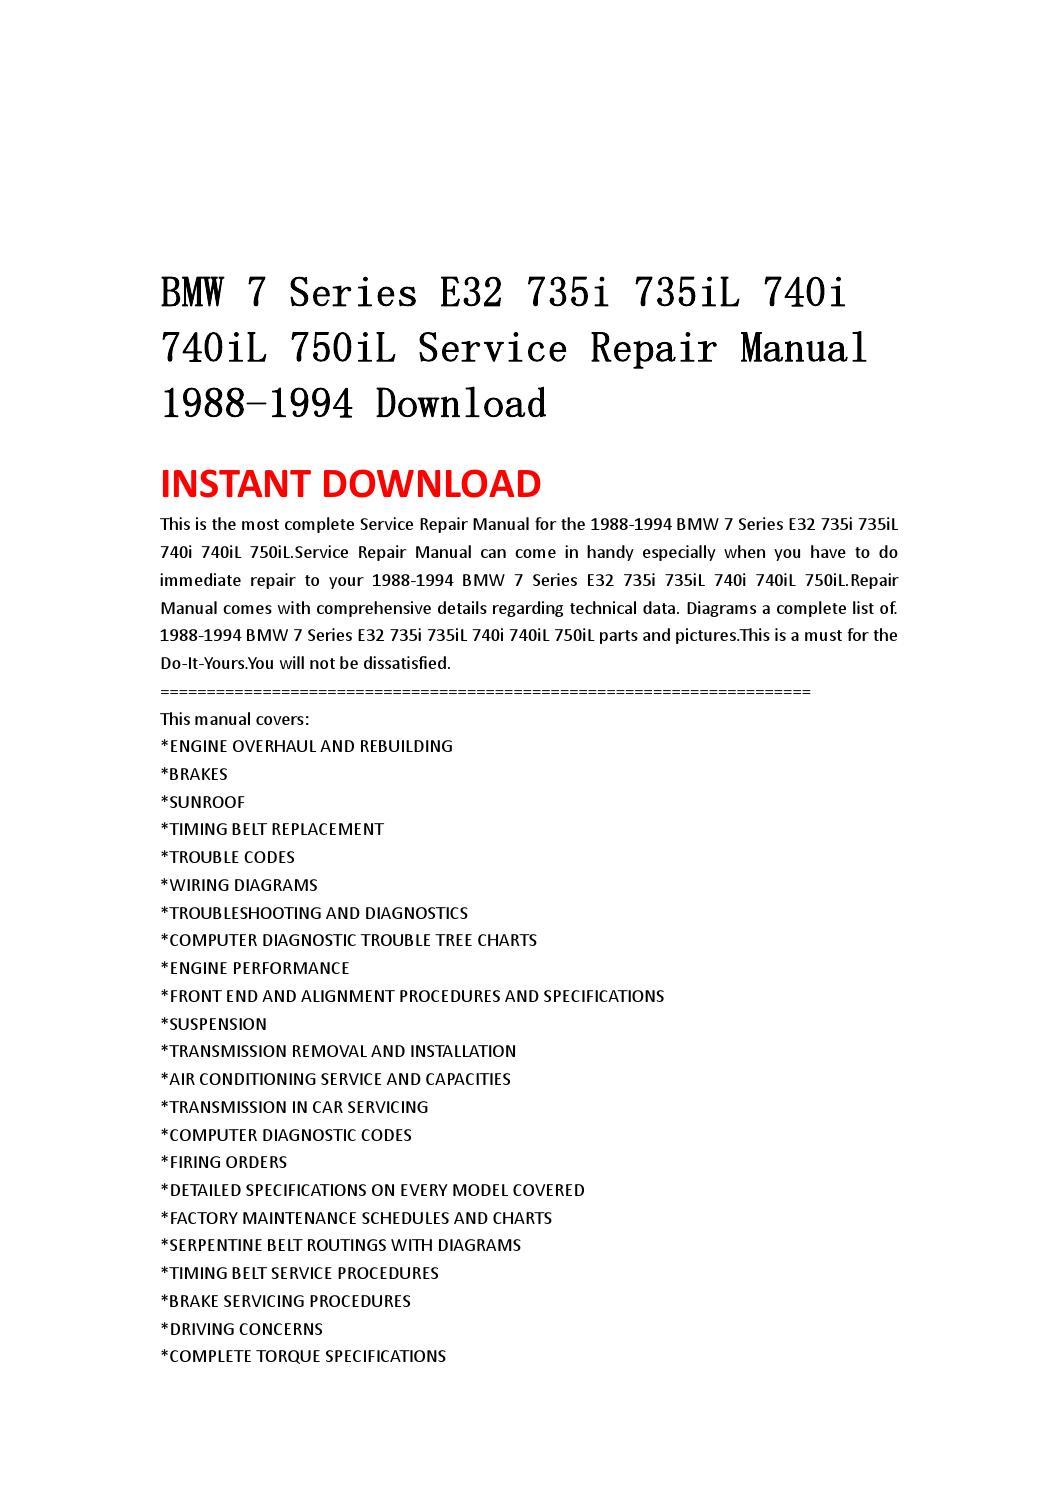 Bmw 7 series e32 735i 735il 740i 740il 750il service repair manual 1988 1994  download by yfgbsehfnn - issuu